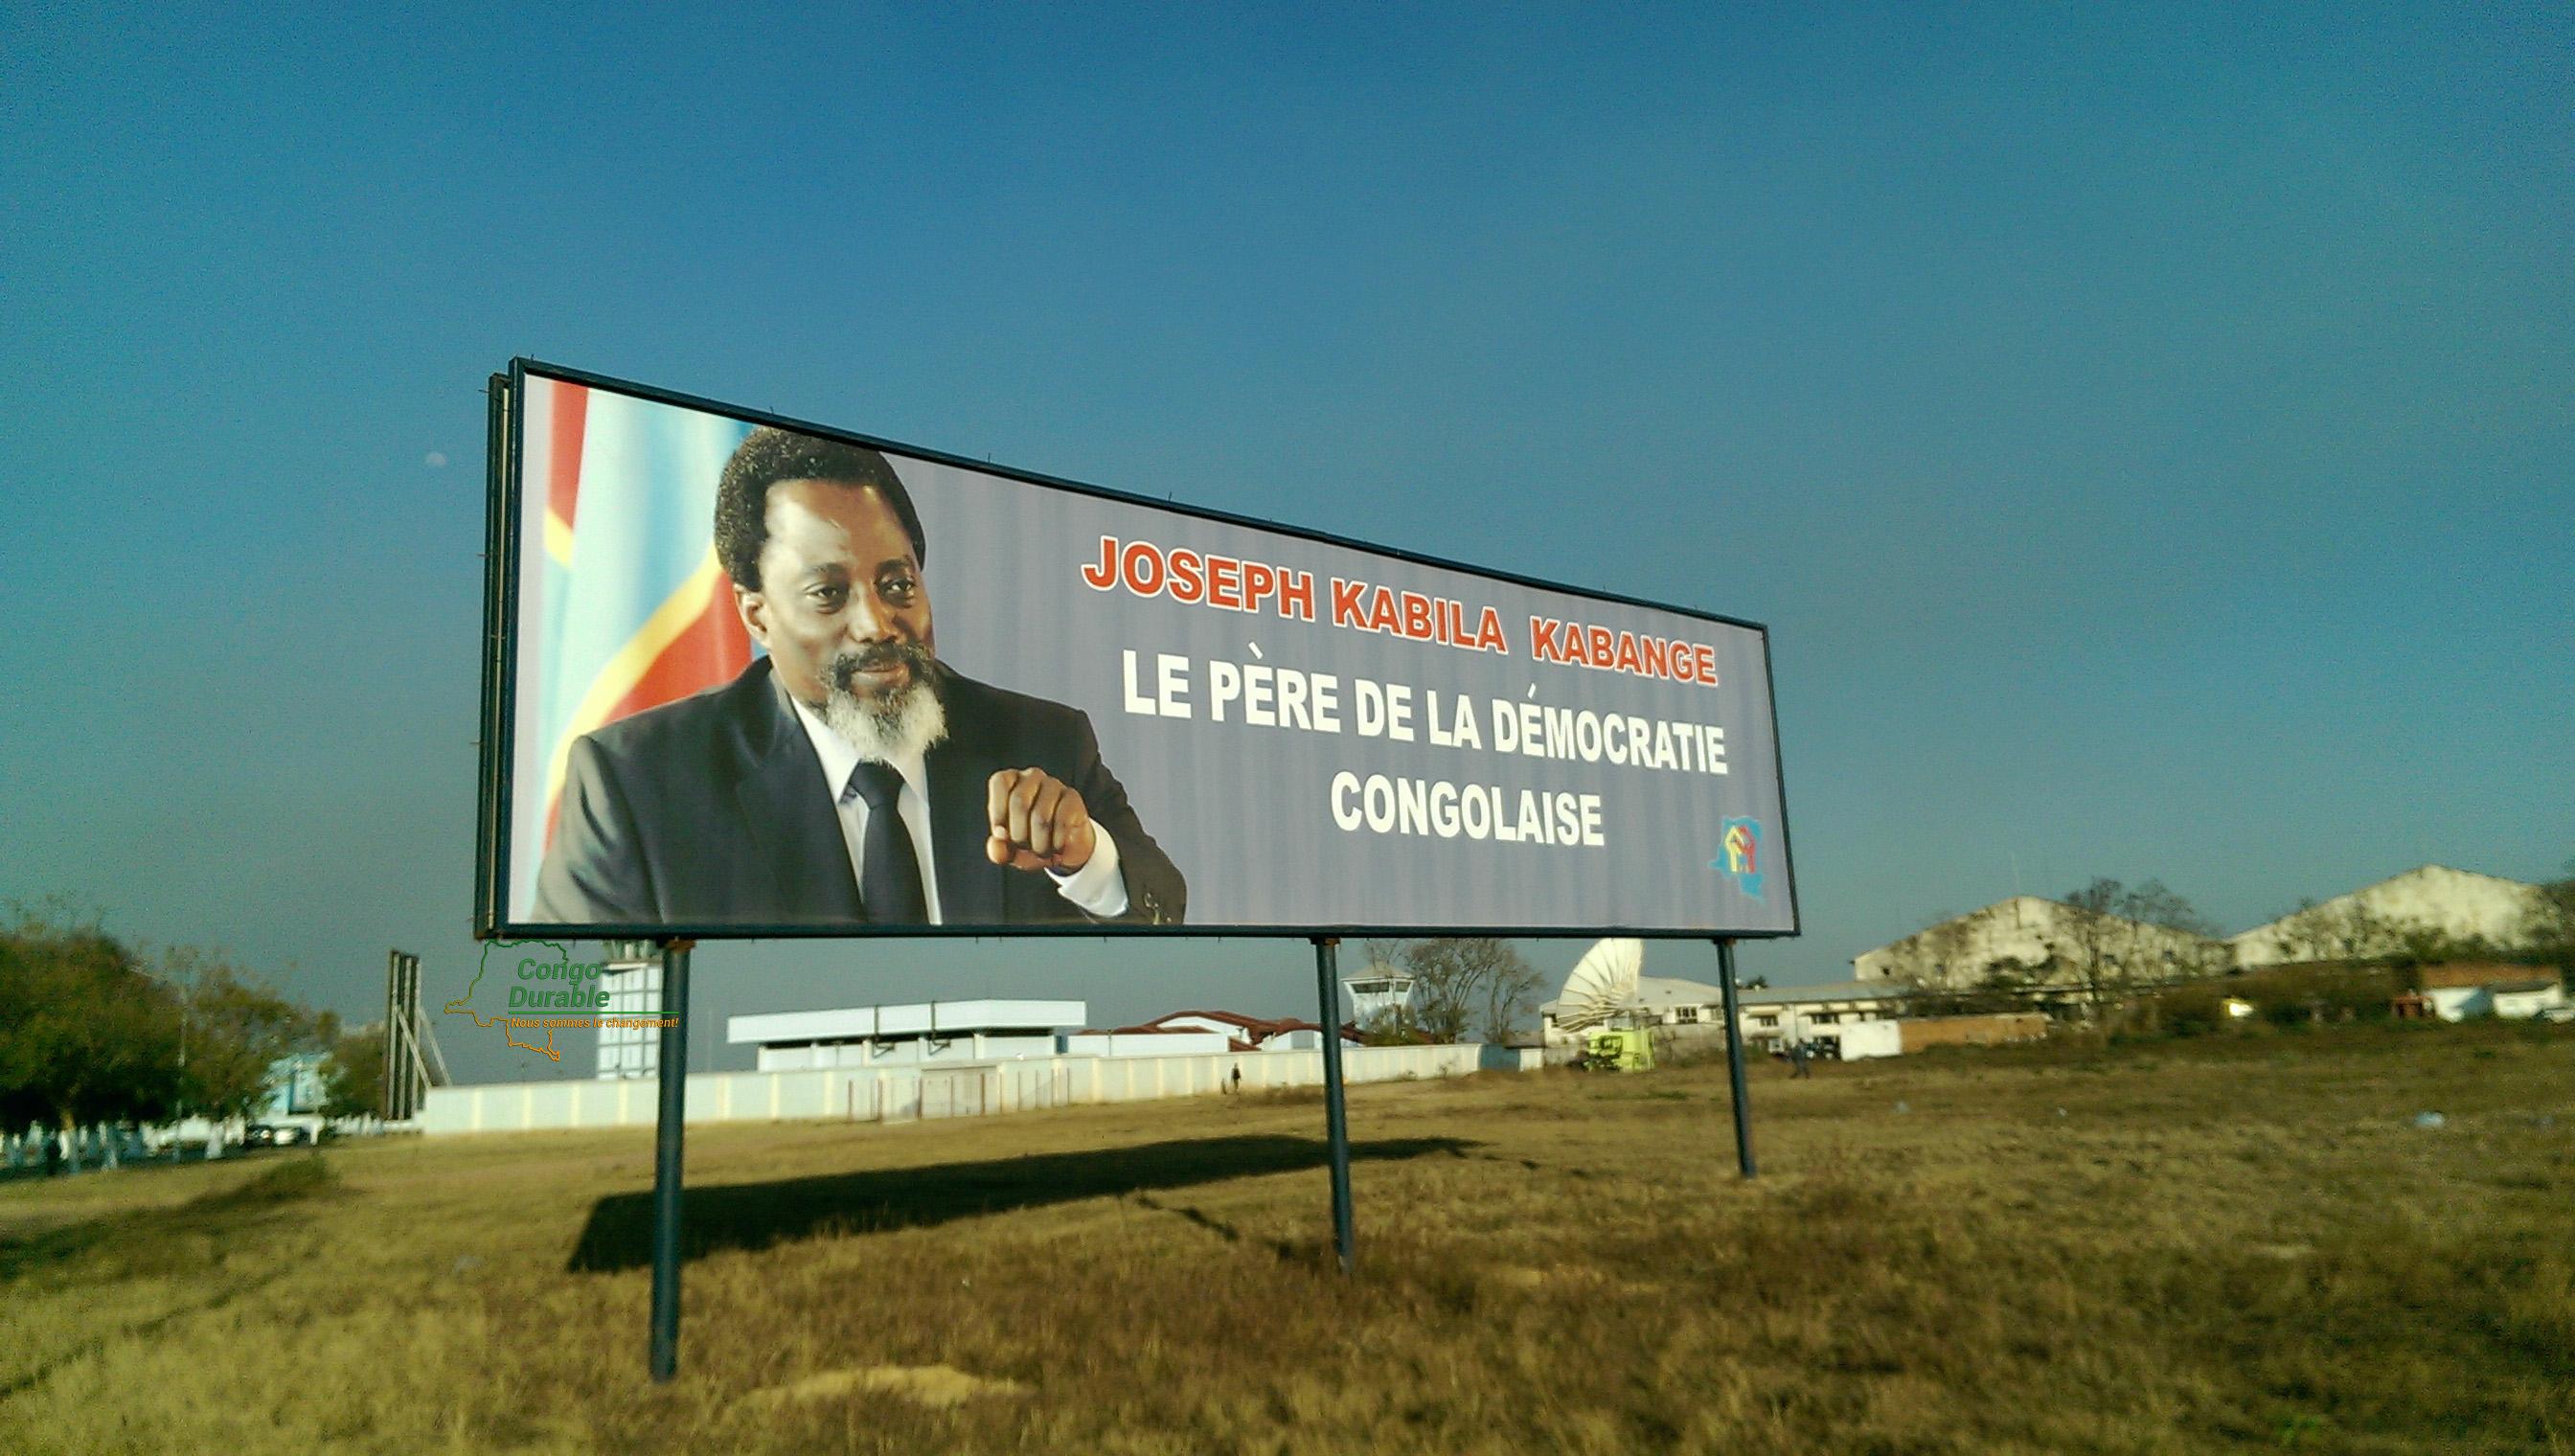 Joseph Kabila, démocratie, Kabila éligiblealternance